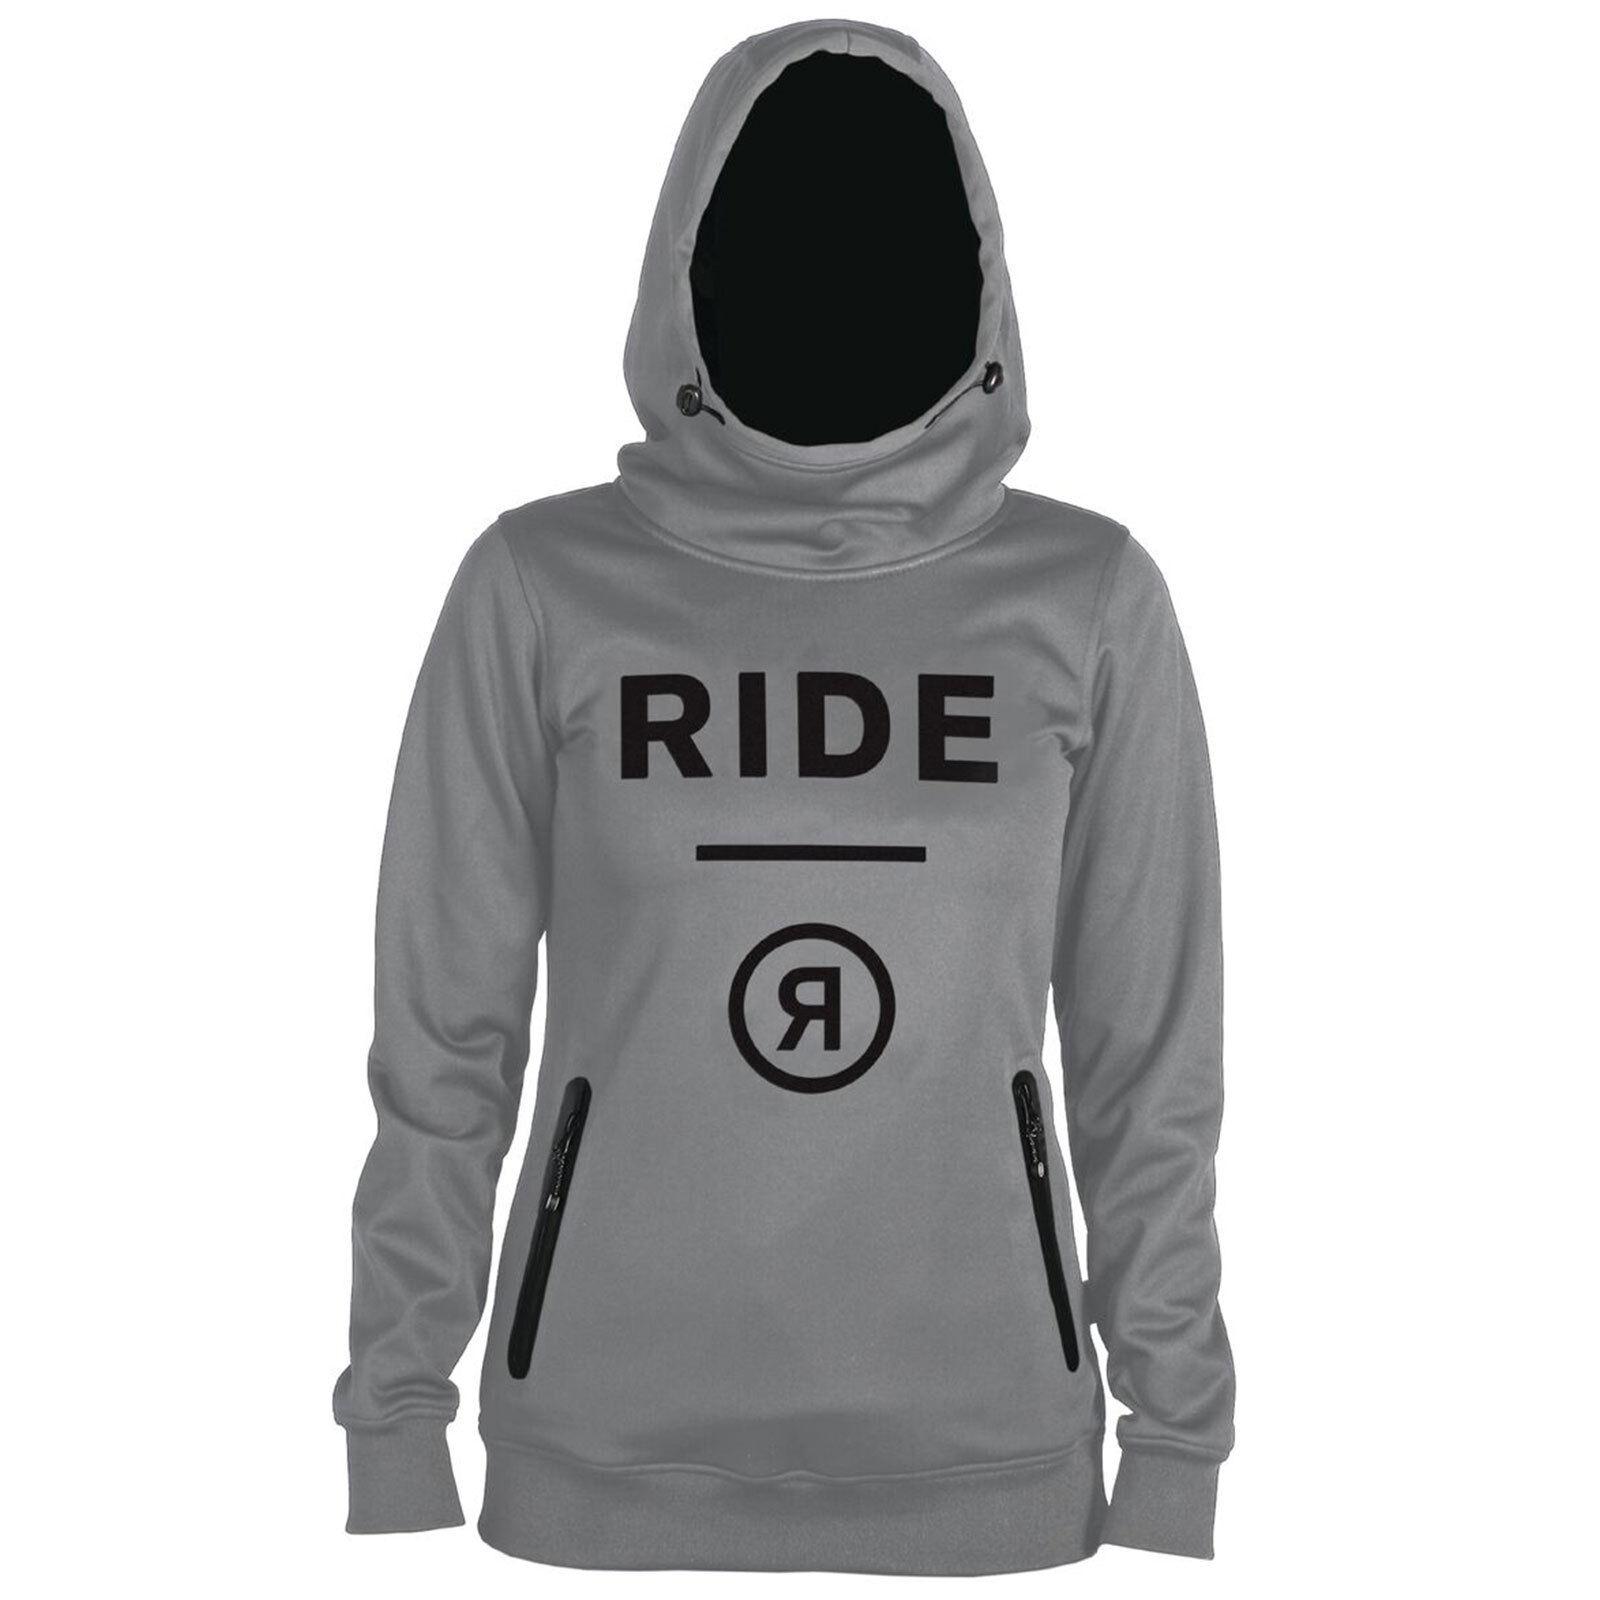 Ride Pinnacle women Felpa Mid-Layer Maglione da Sci Camicia Funzionale Cappuccio